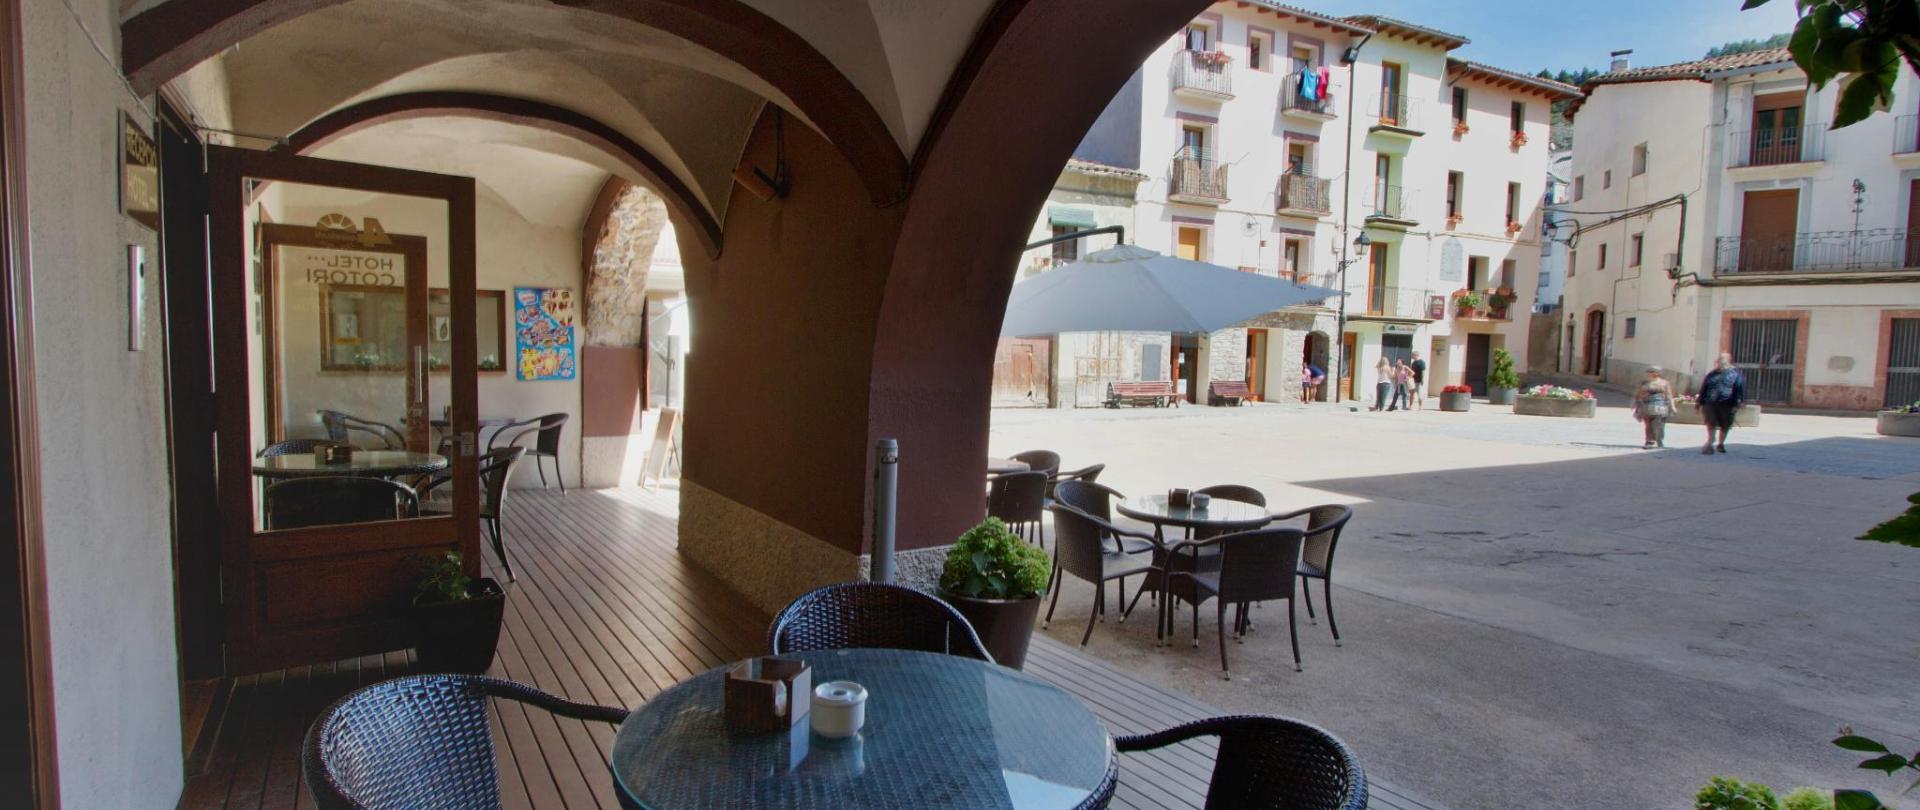 HOTEL COTORI 30 A - Foto Sergi Ricart.JPG